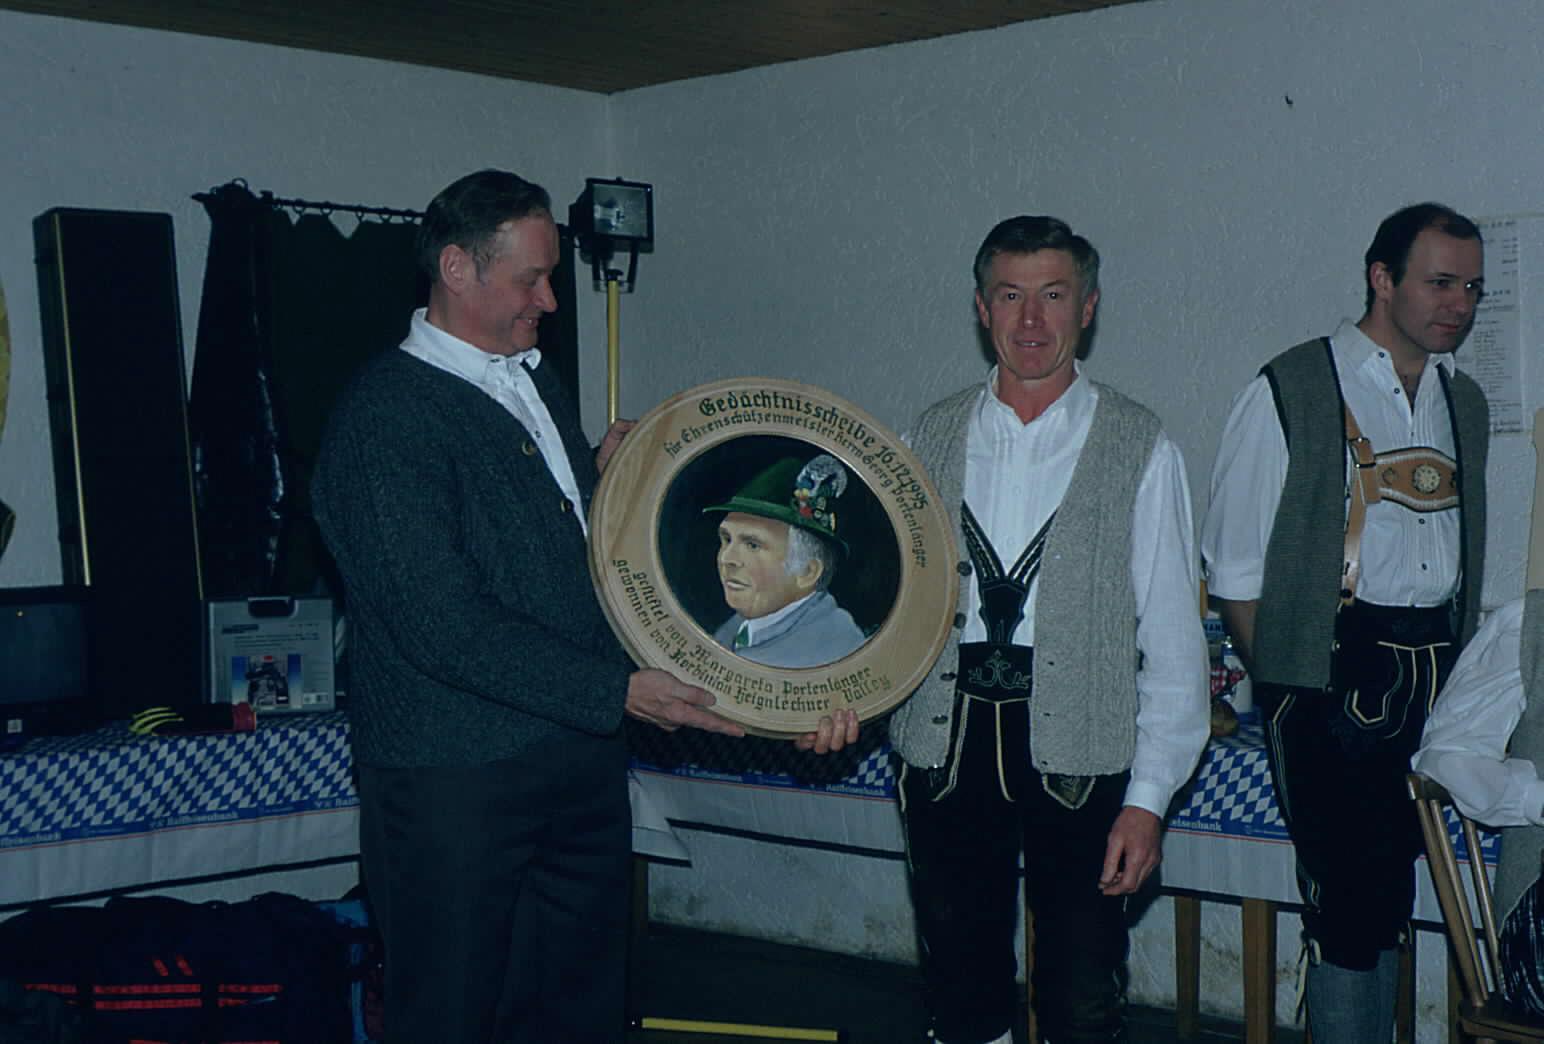 Preisverteilung Georg Portenlänger Gedächtnisschießen 1995